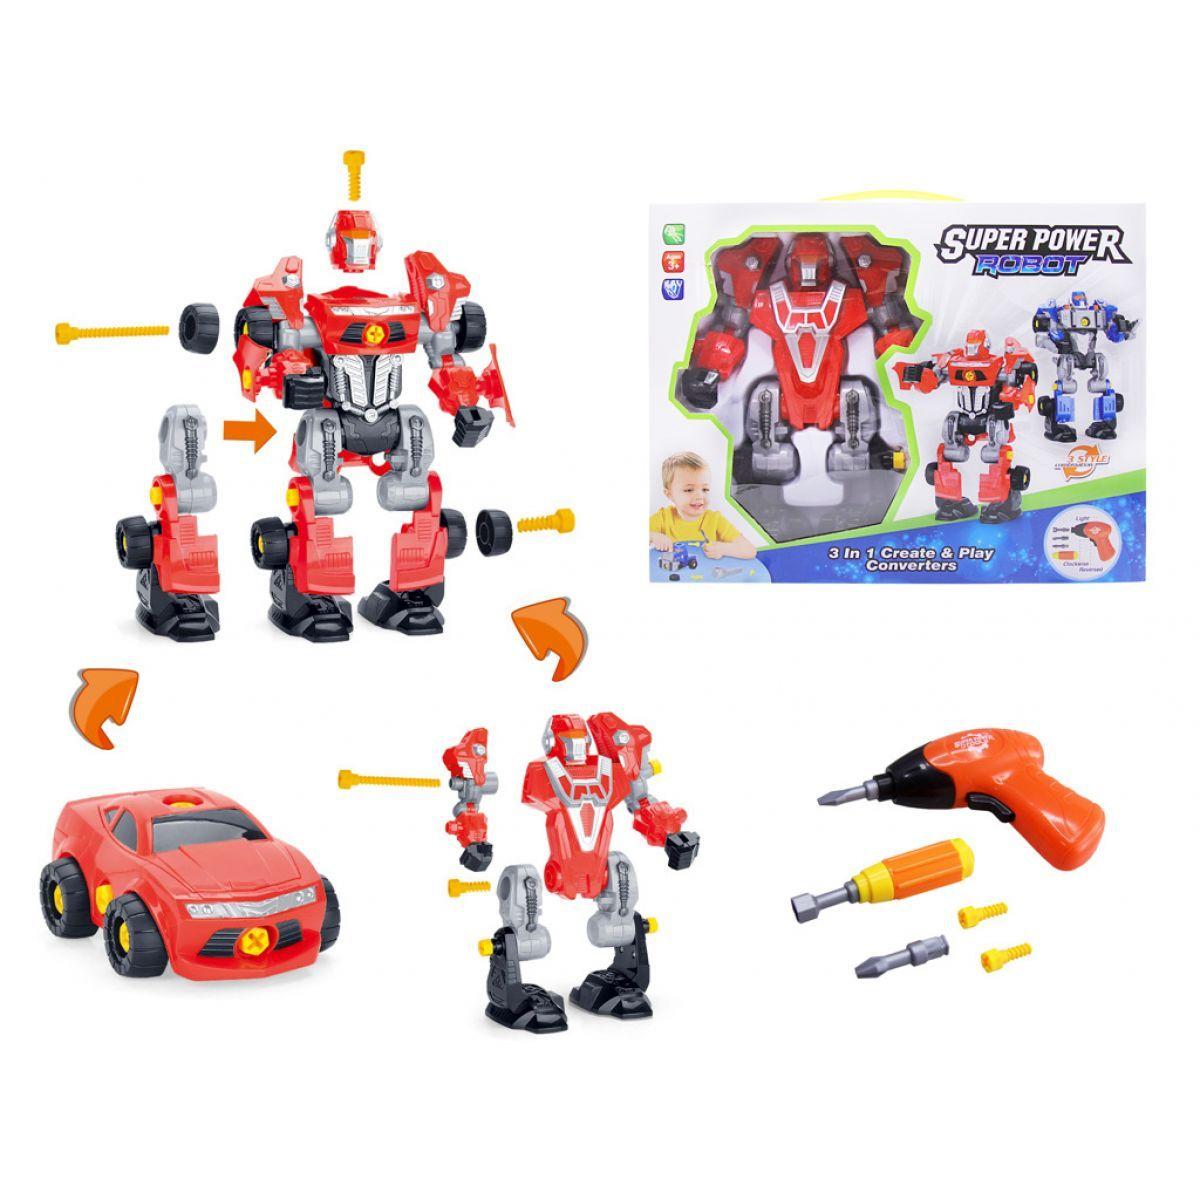 Alltoys Šroubovací robot s vrtačkou se světlem Červený - Poškozený obal